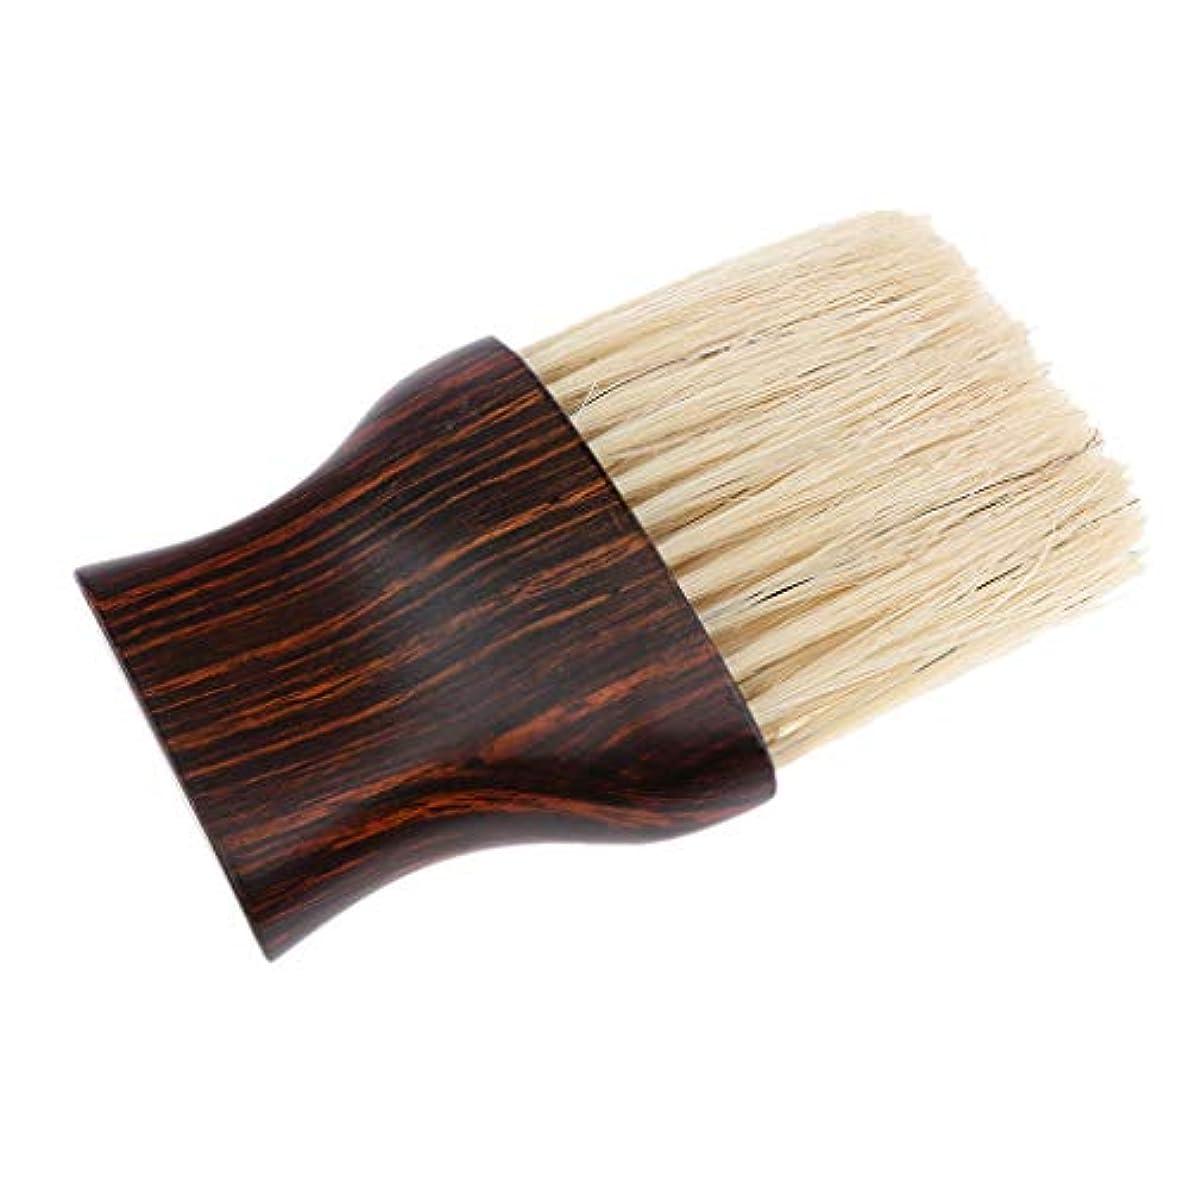 従う細断しなやかなT TOOYFUL ヘアブラシ 毛払いブラシ 散髪 髪切り 散髪用ツール 床屋 理髪店 美容院 ソフトブラシ